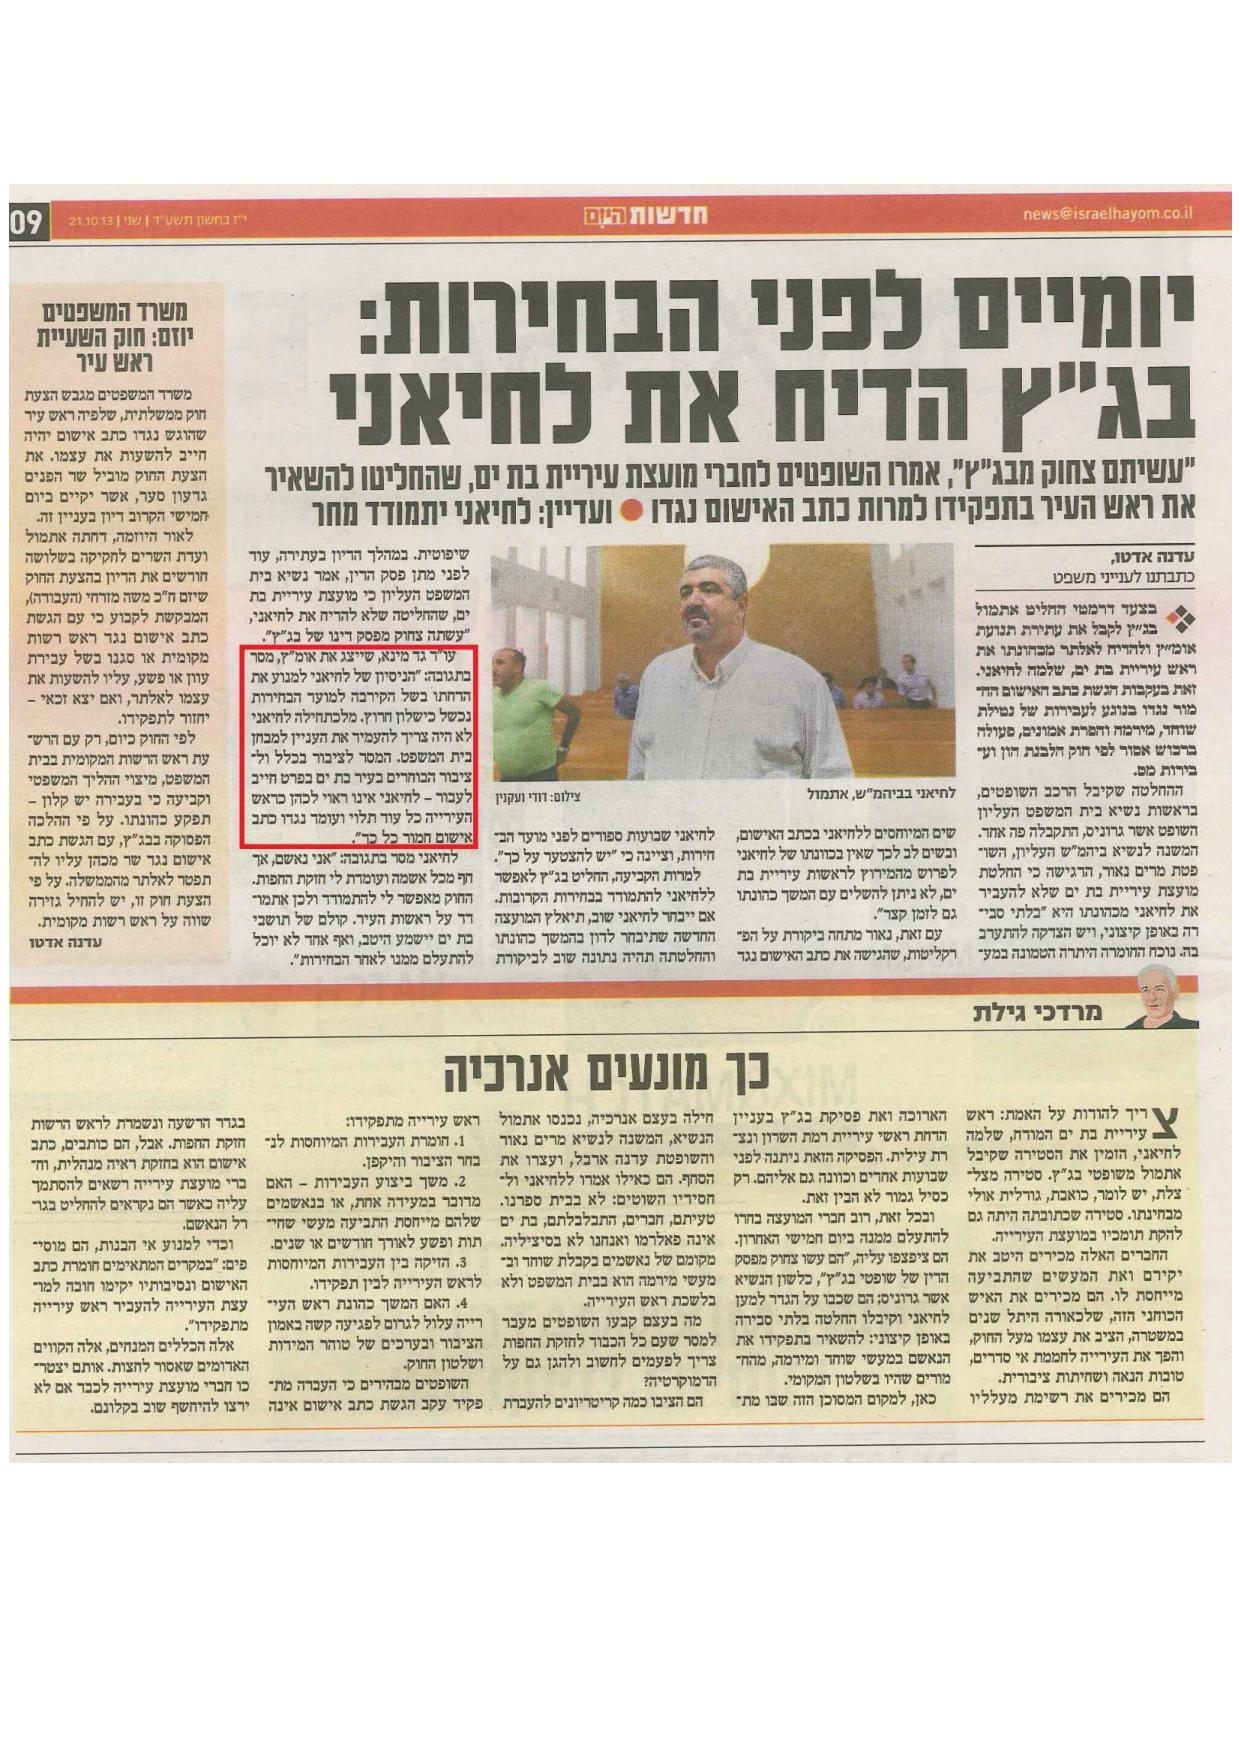 21.10.2013 ישראל היום